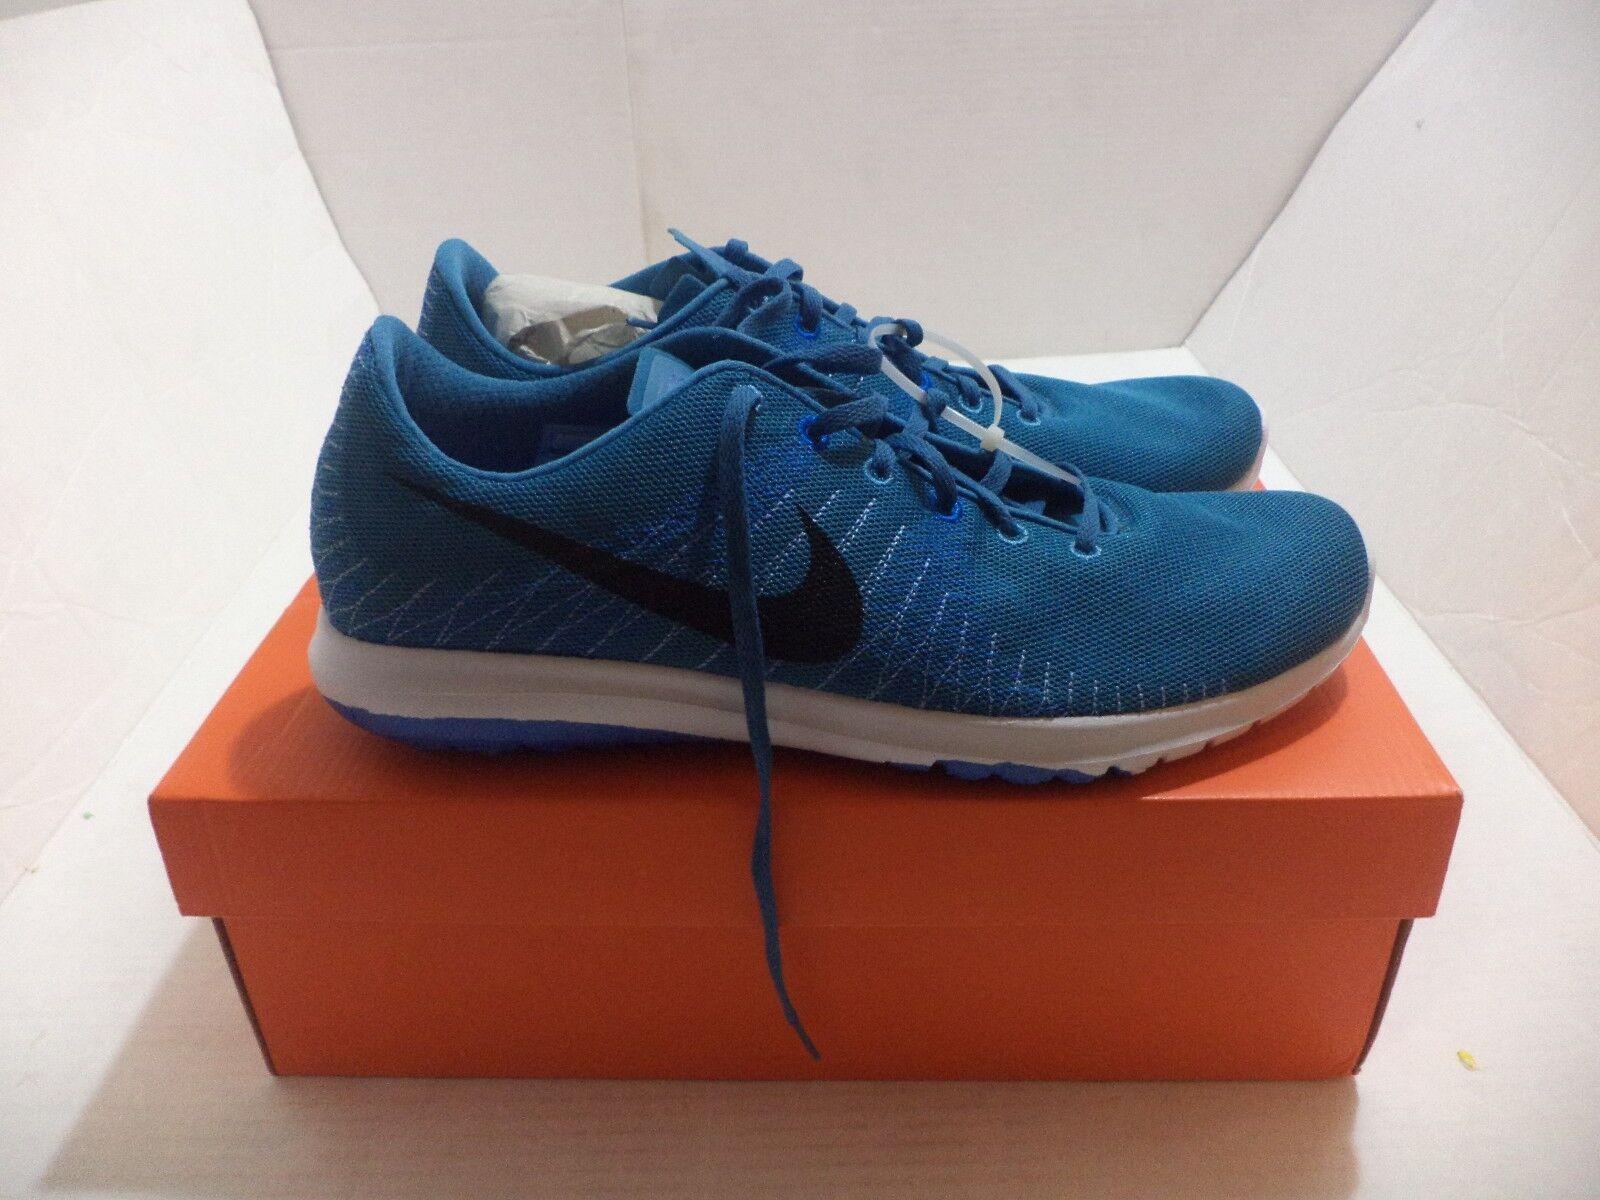 Nike Men's Flex Fury, SIZE 9 - 14 COLORS STRATUS BLUE/BLACK-LIGHT PHOTO BLUE-SR STRATUS BLUE/BLACK-LIGHT PHOTO...